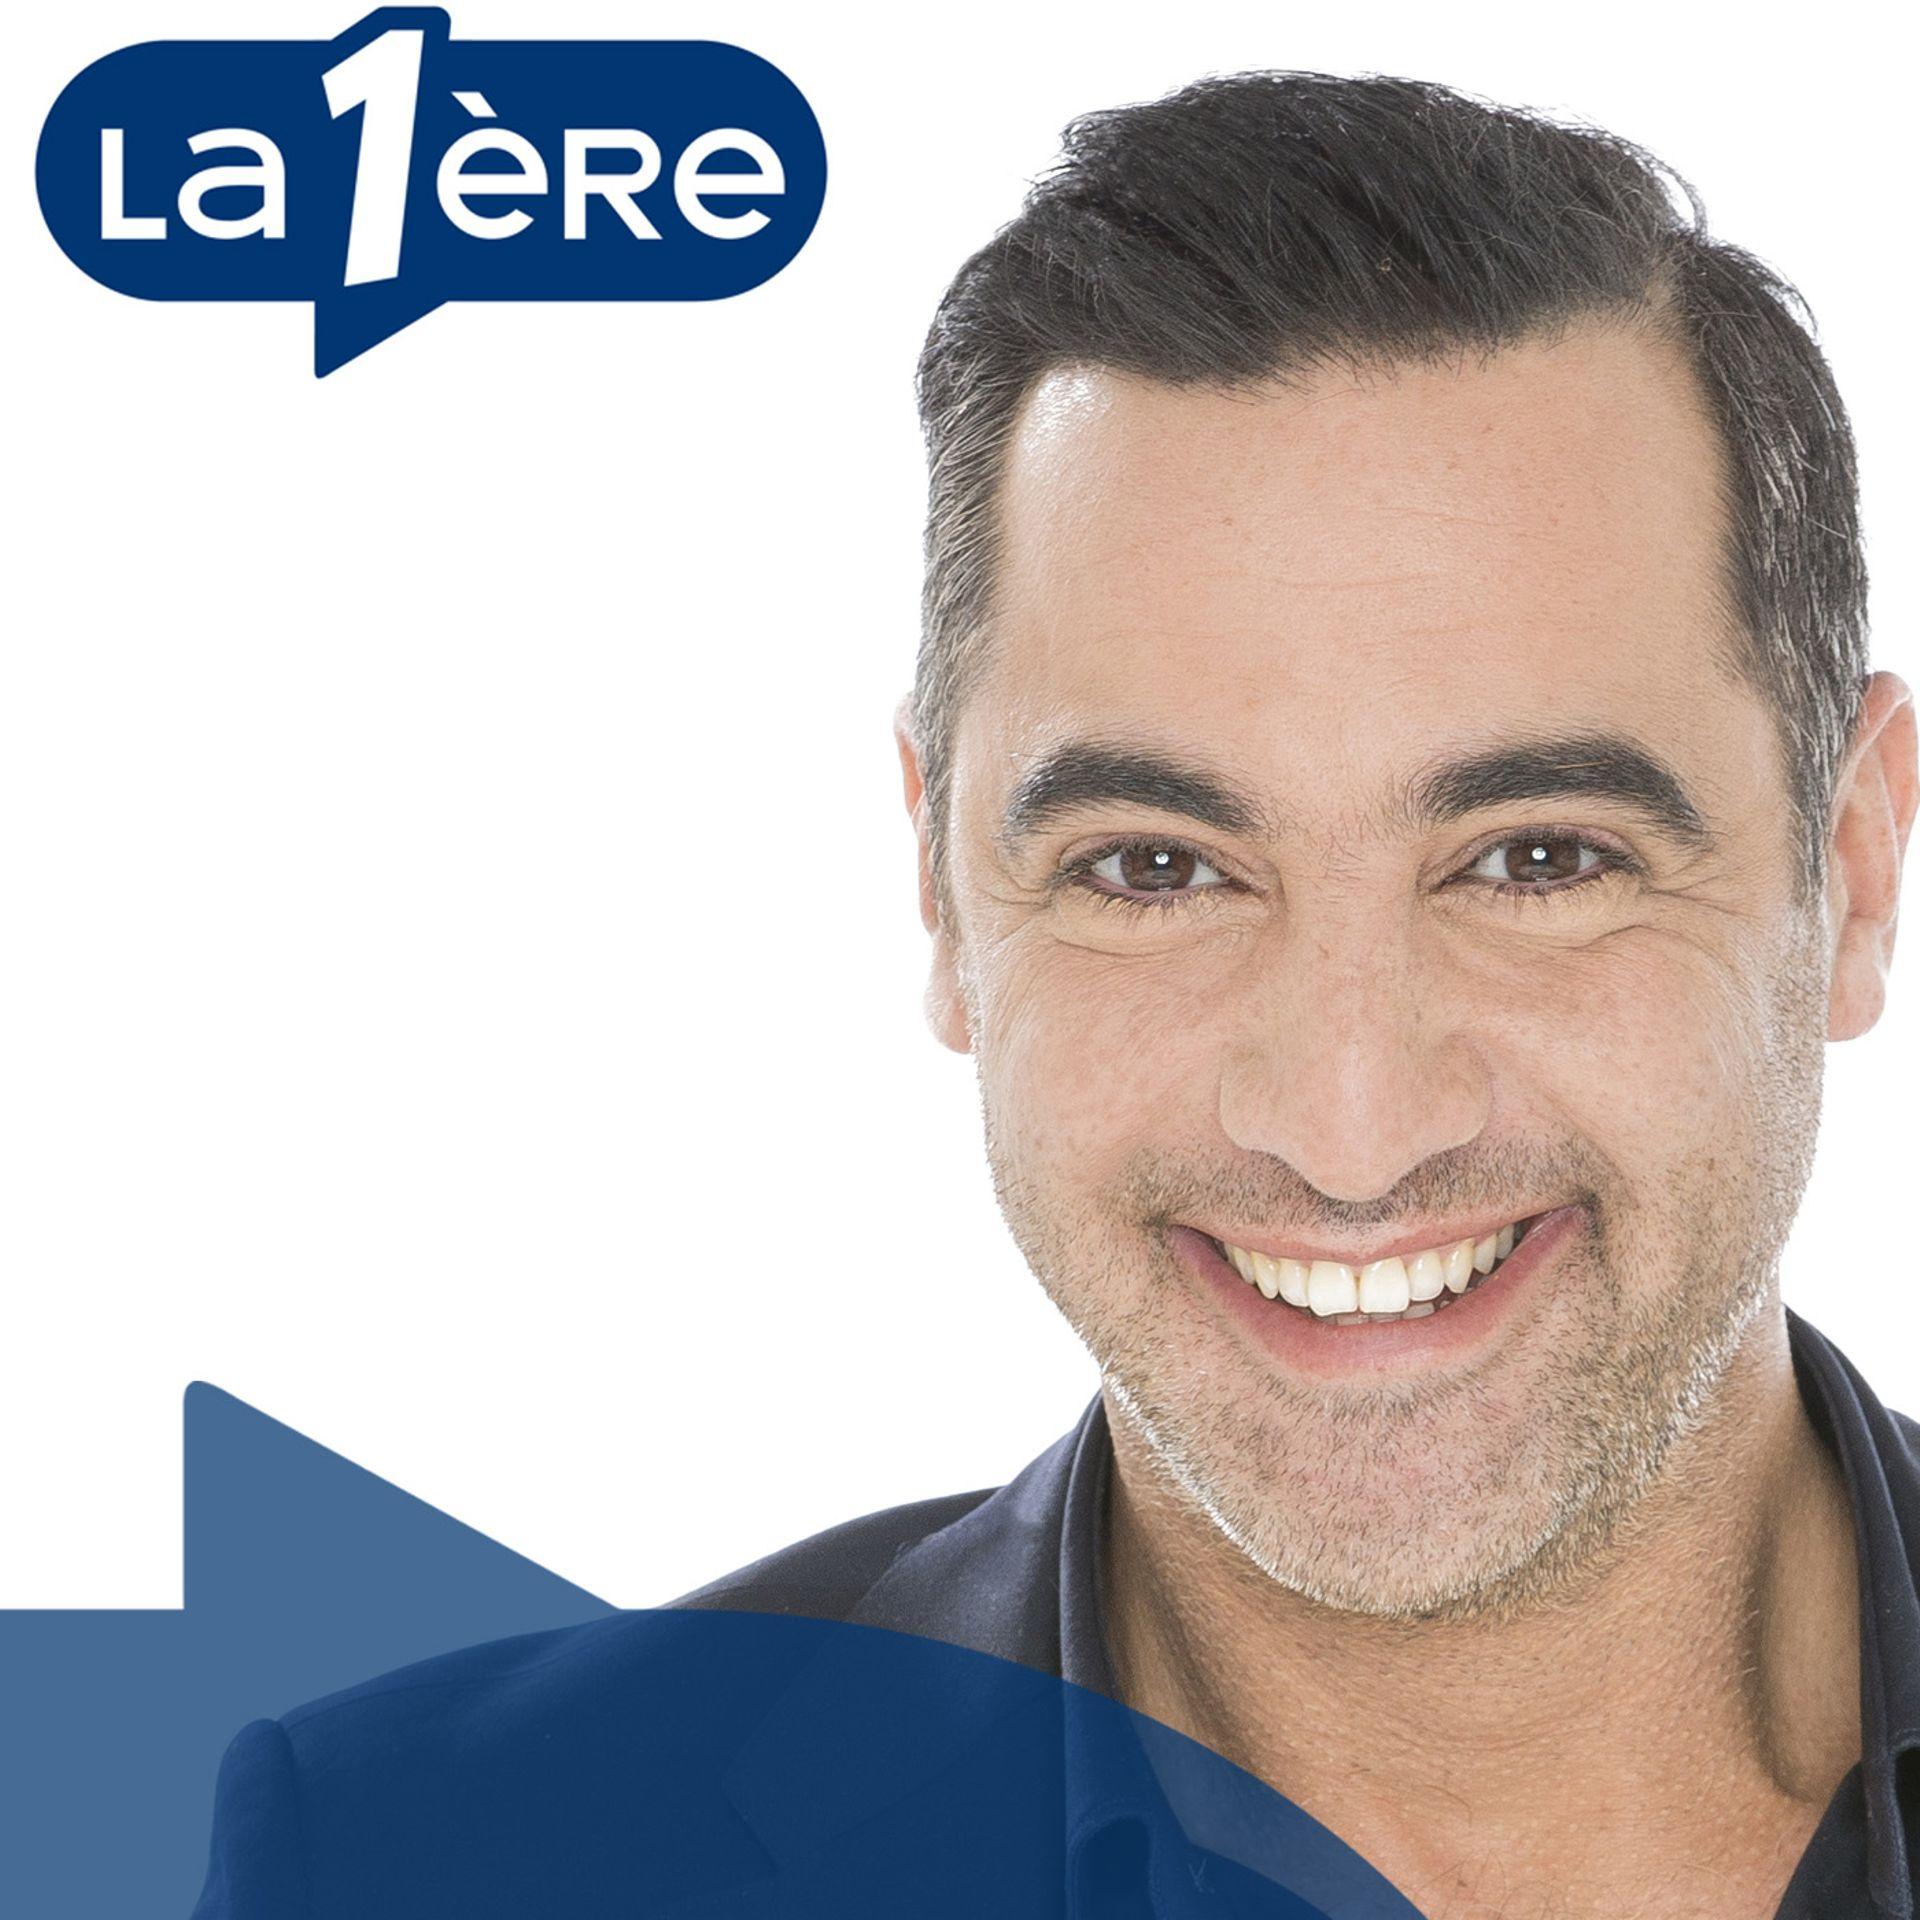 La Presque Star - Grégory Laurent pour la tendance minimaliste - 05/04/2018